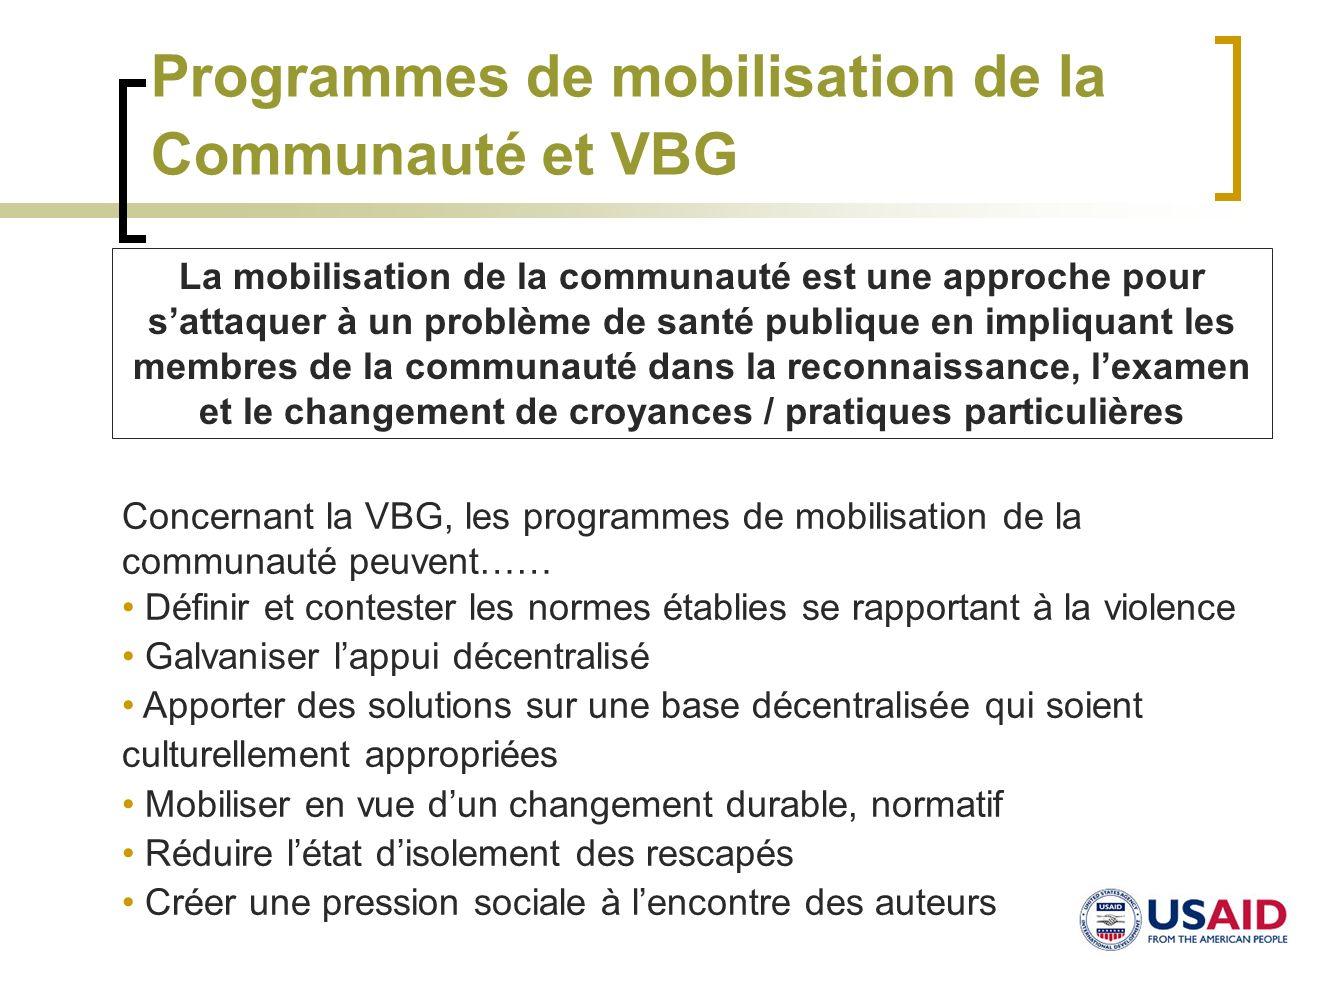 Mobilisation de la Communauté et VBG: Exemple de programme Projet pour la Prévention de la Violence au Foyer : Elévation des Voix, Ouganda Evaluation de la Communauté Sensibilisation Etablissement de réseaux de soutien Action dintégration contre la VF (Violence au Foyer)